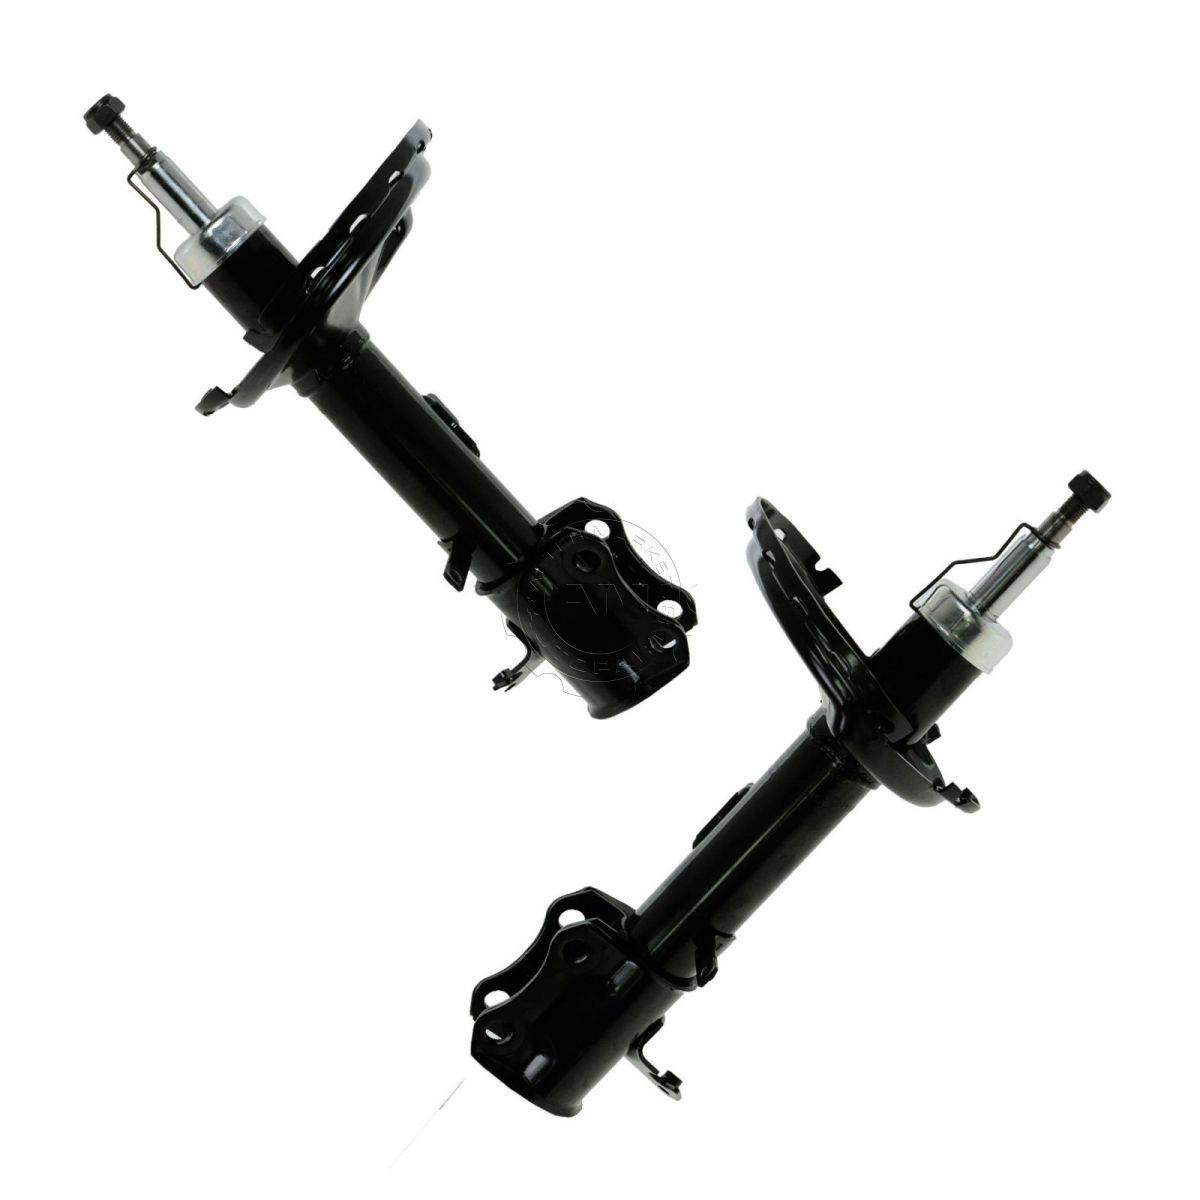 Details about MONROE 72215 72216 Rear Shock Strut Pair Set of 2 for  Highlander RX330 RX350